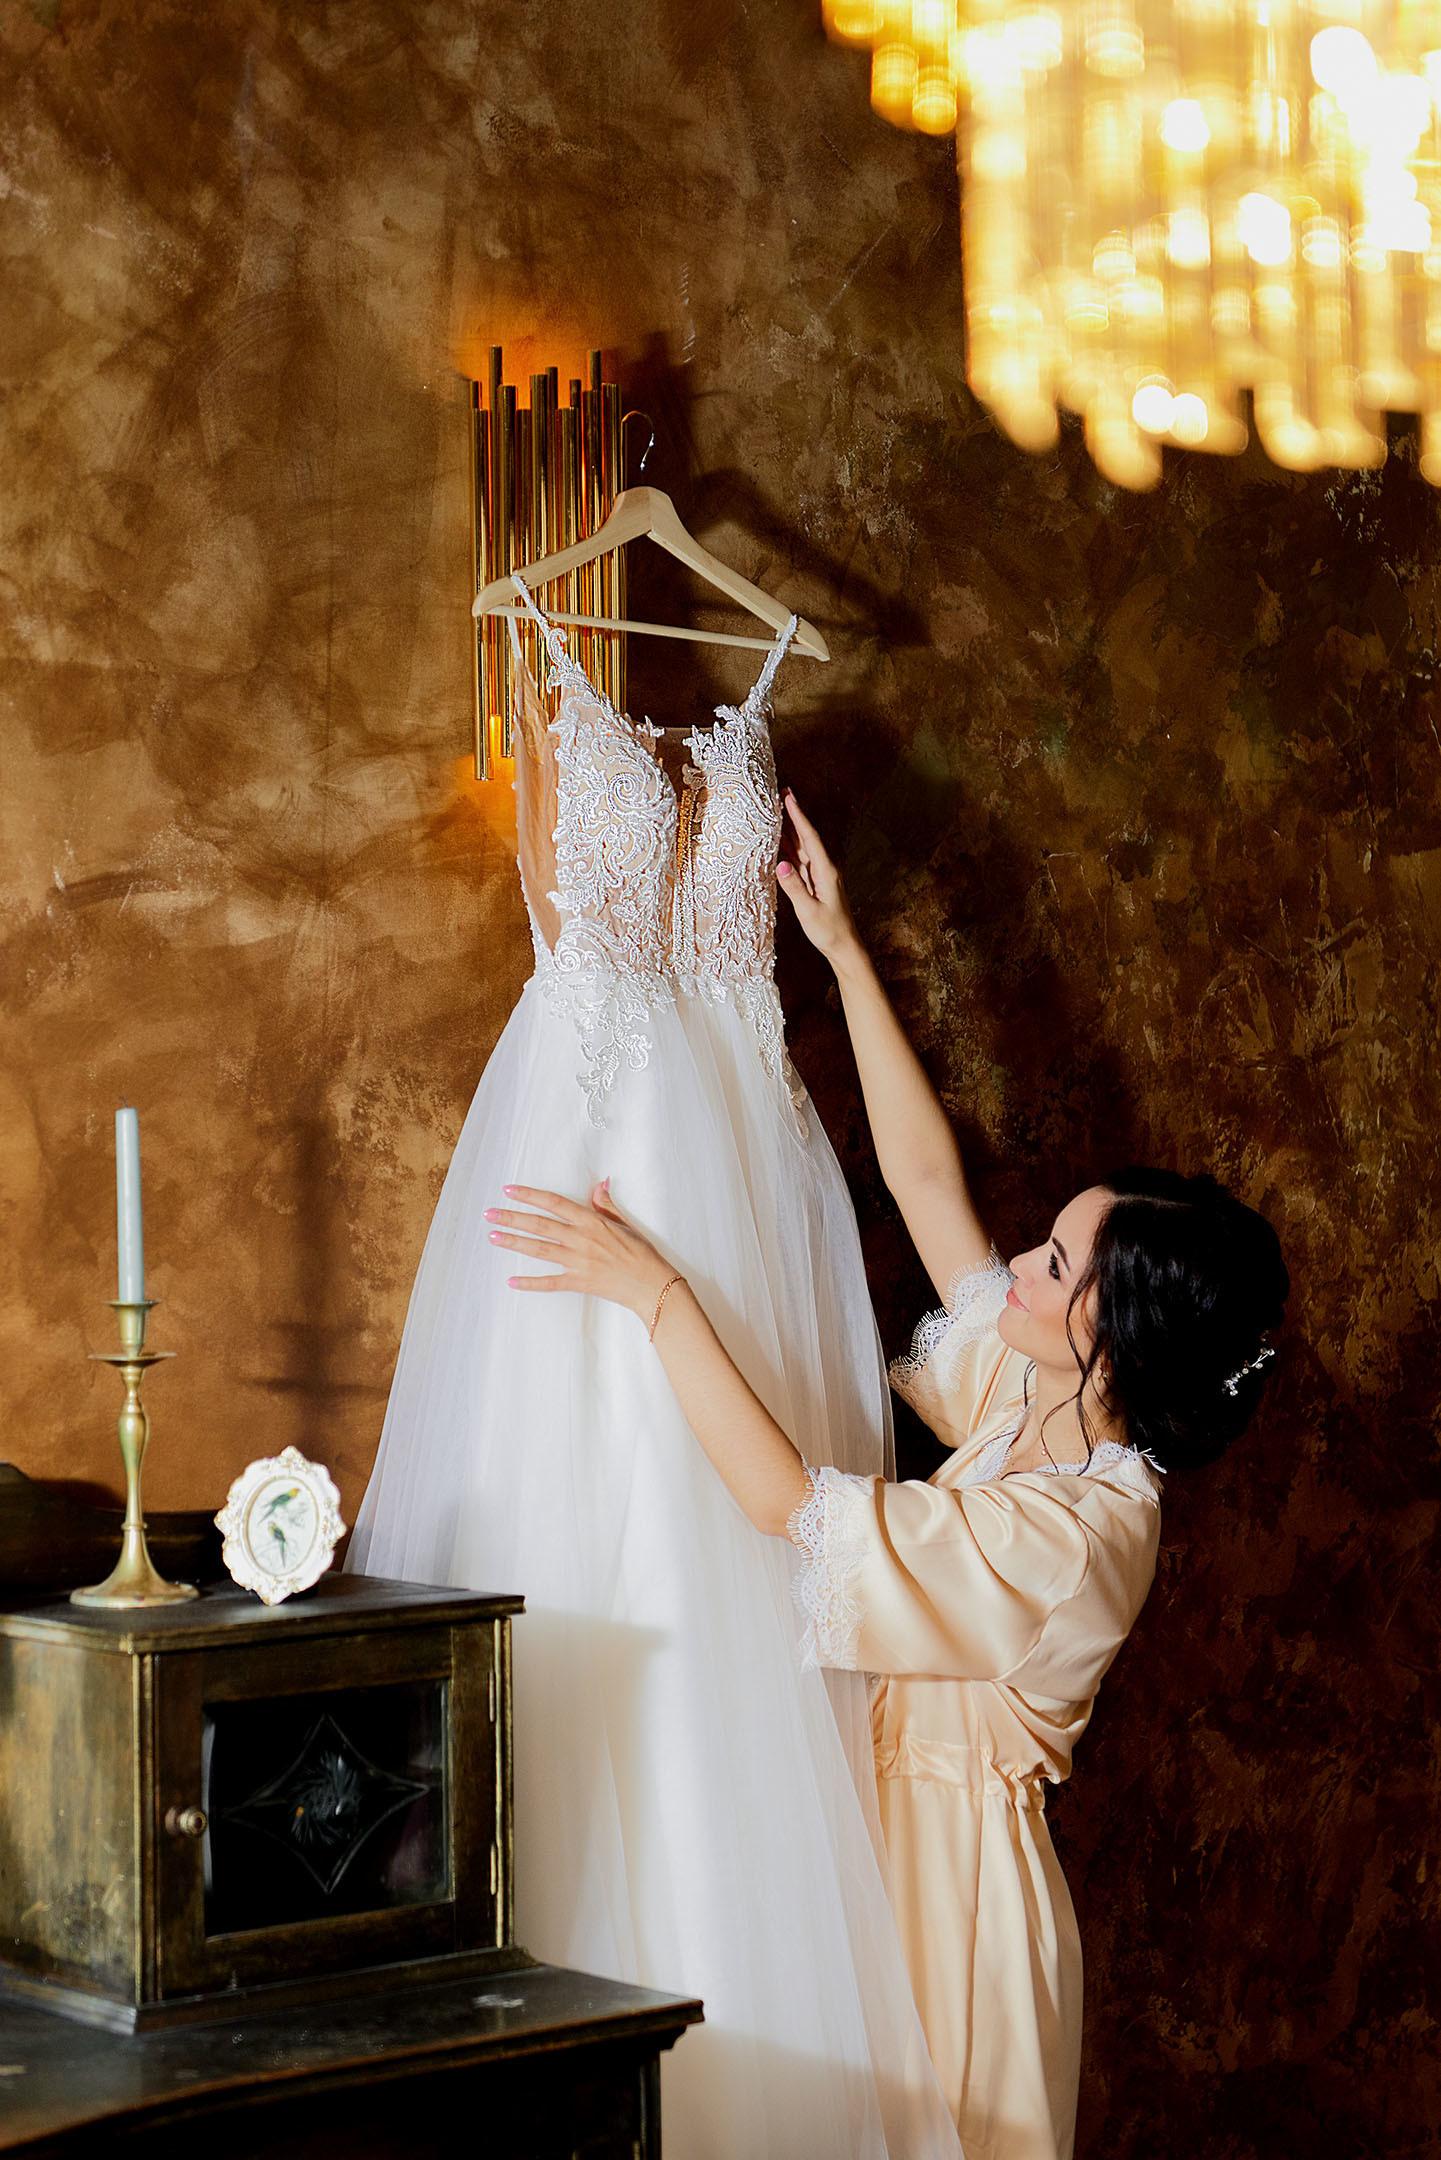 Утро невесты, платье невесты, свадебный фотограф спб